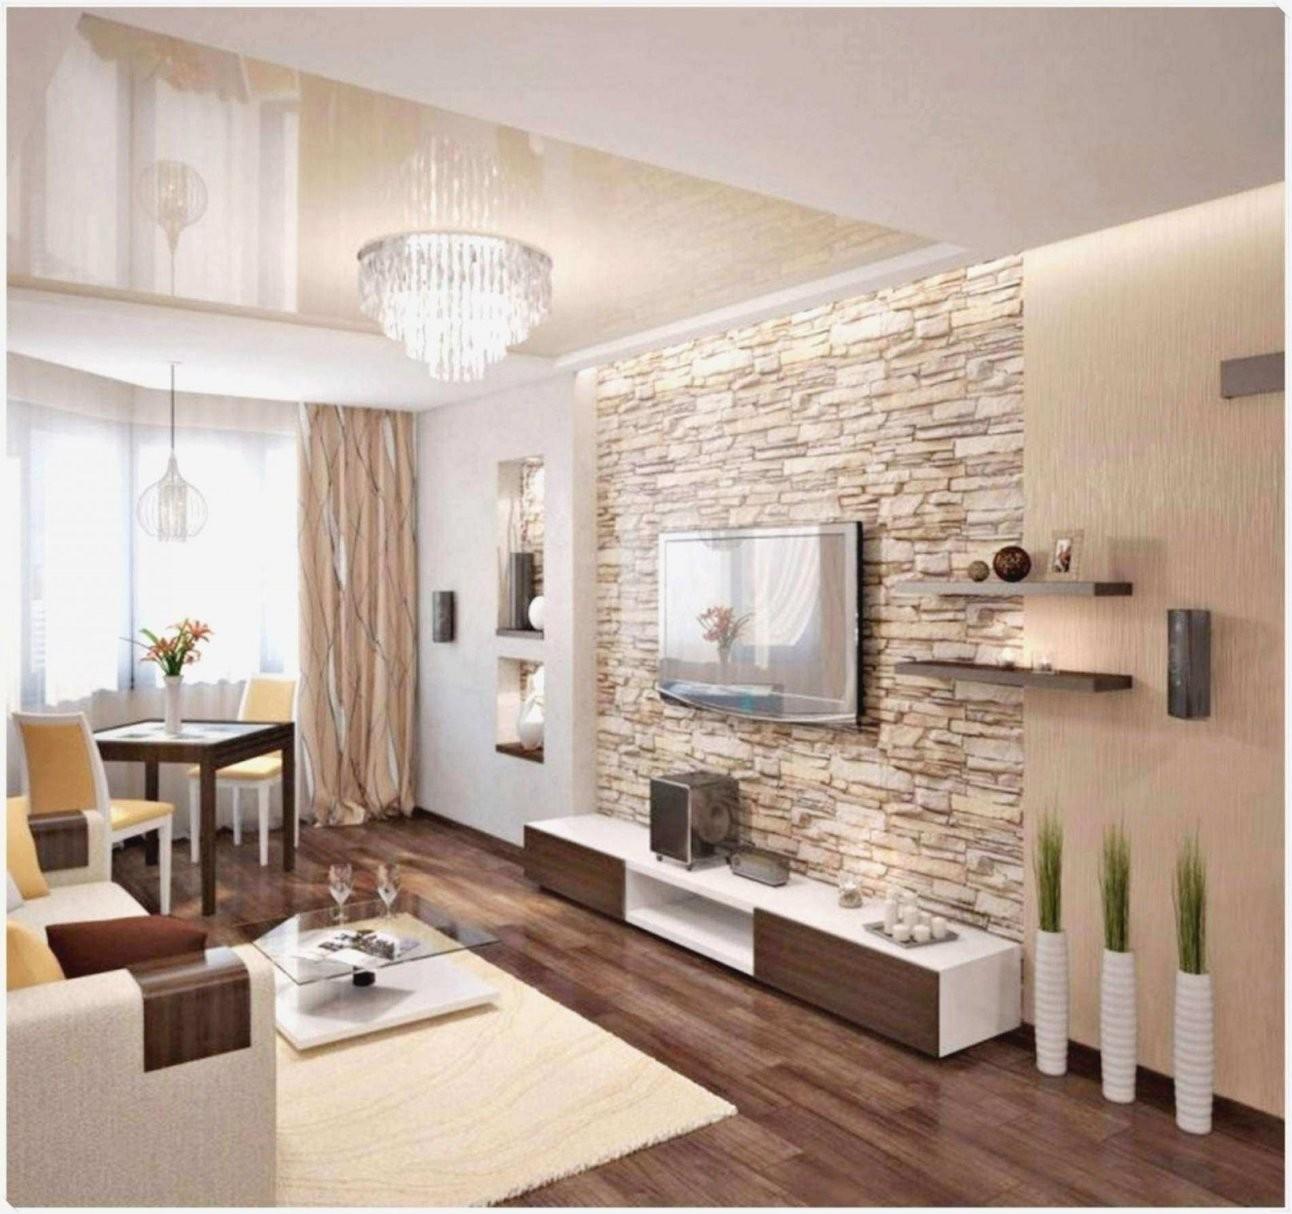 Wohnzimmer Wand Ohne Tapete  Bedroom Ideas  Bedroom Ideas von Wände Ohne Tapete Gestalten Photo